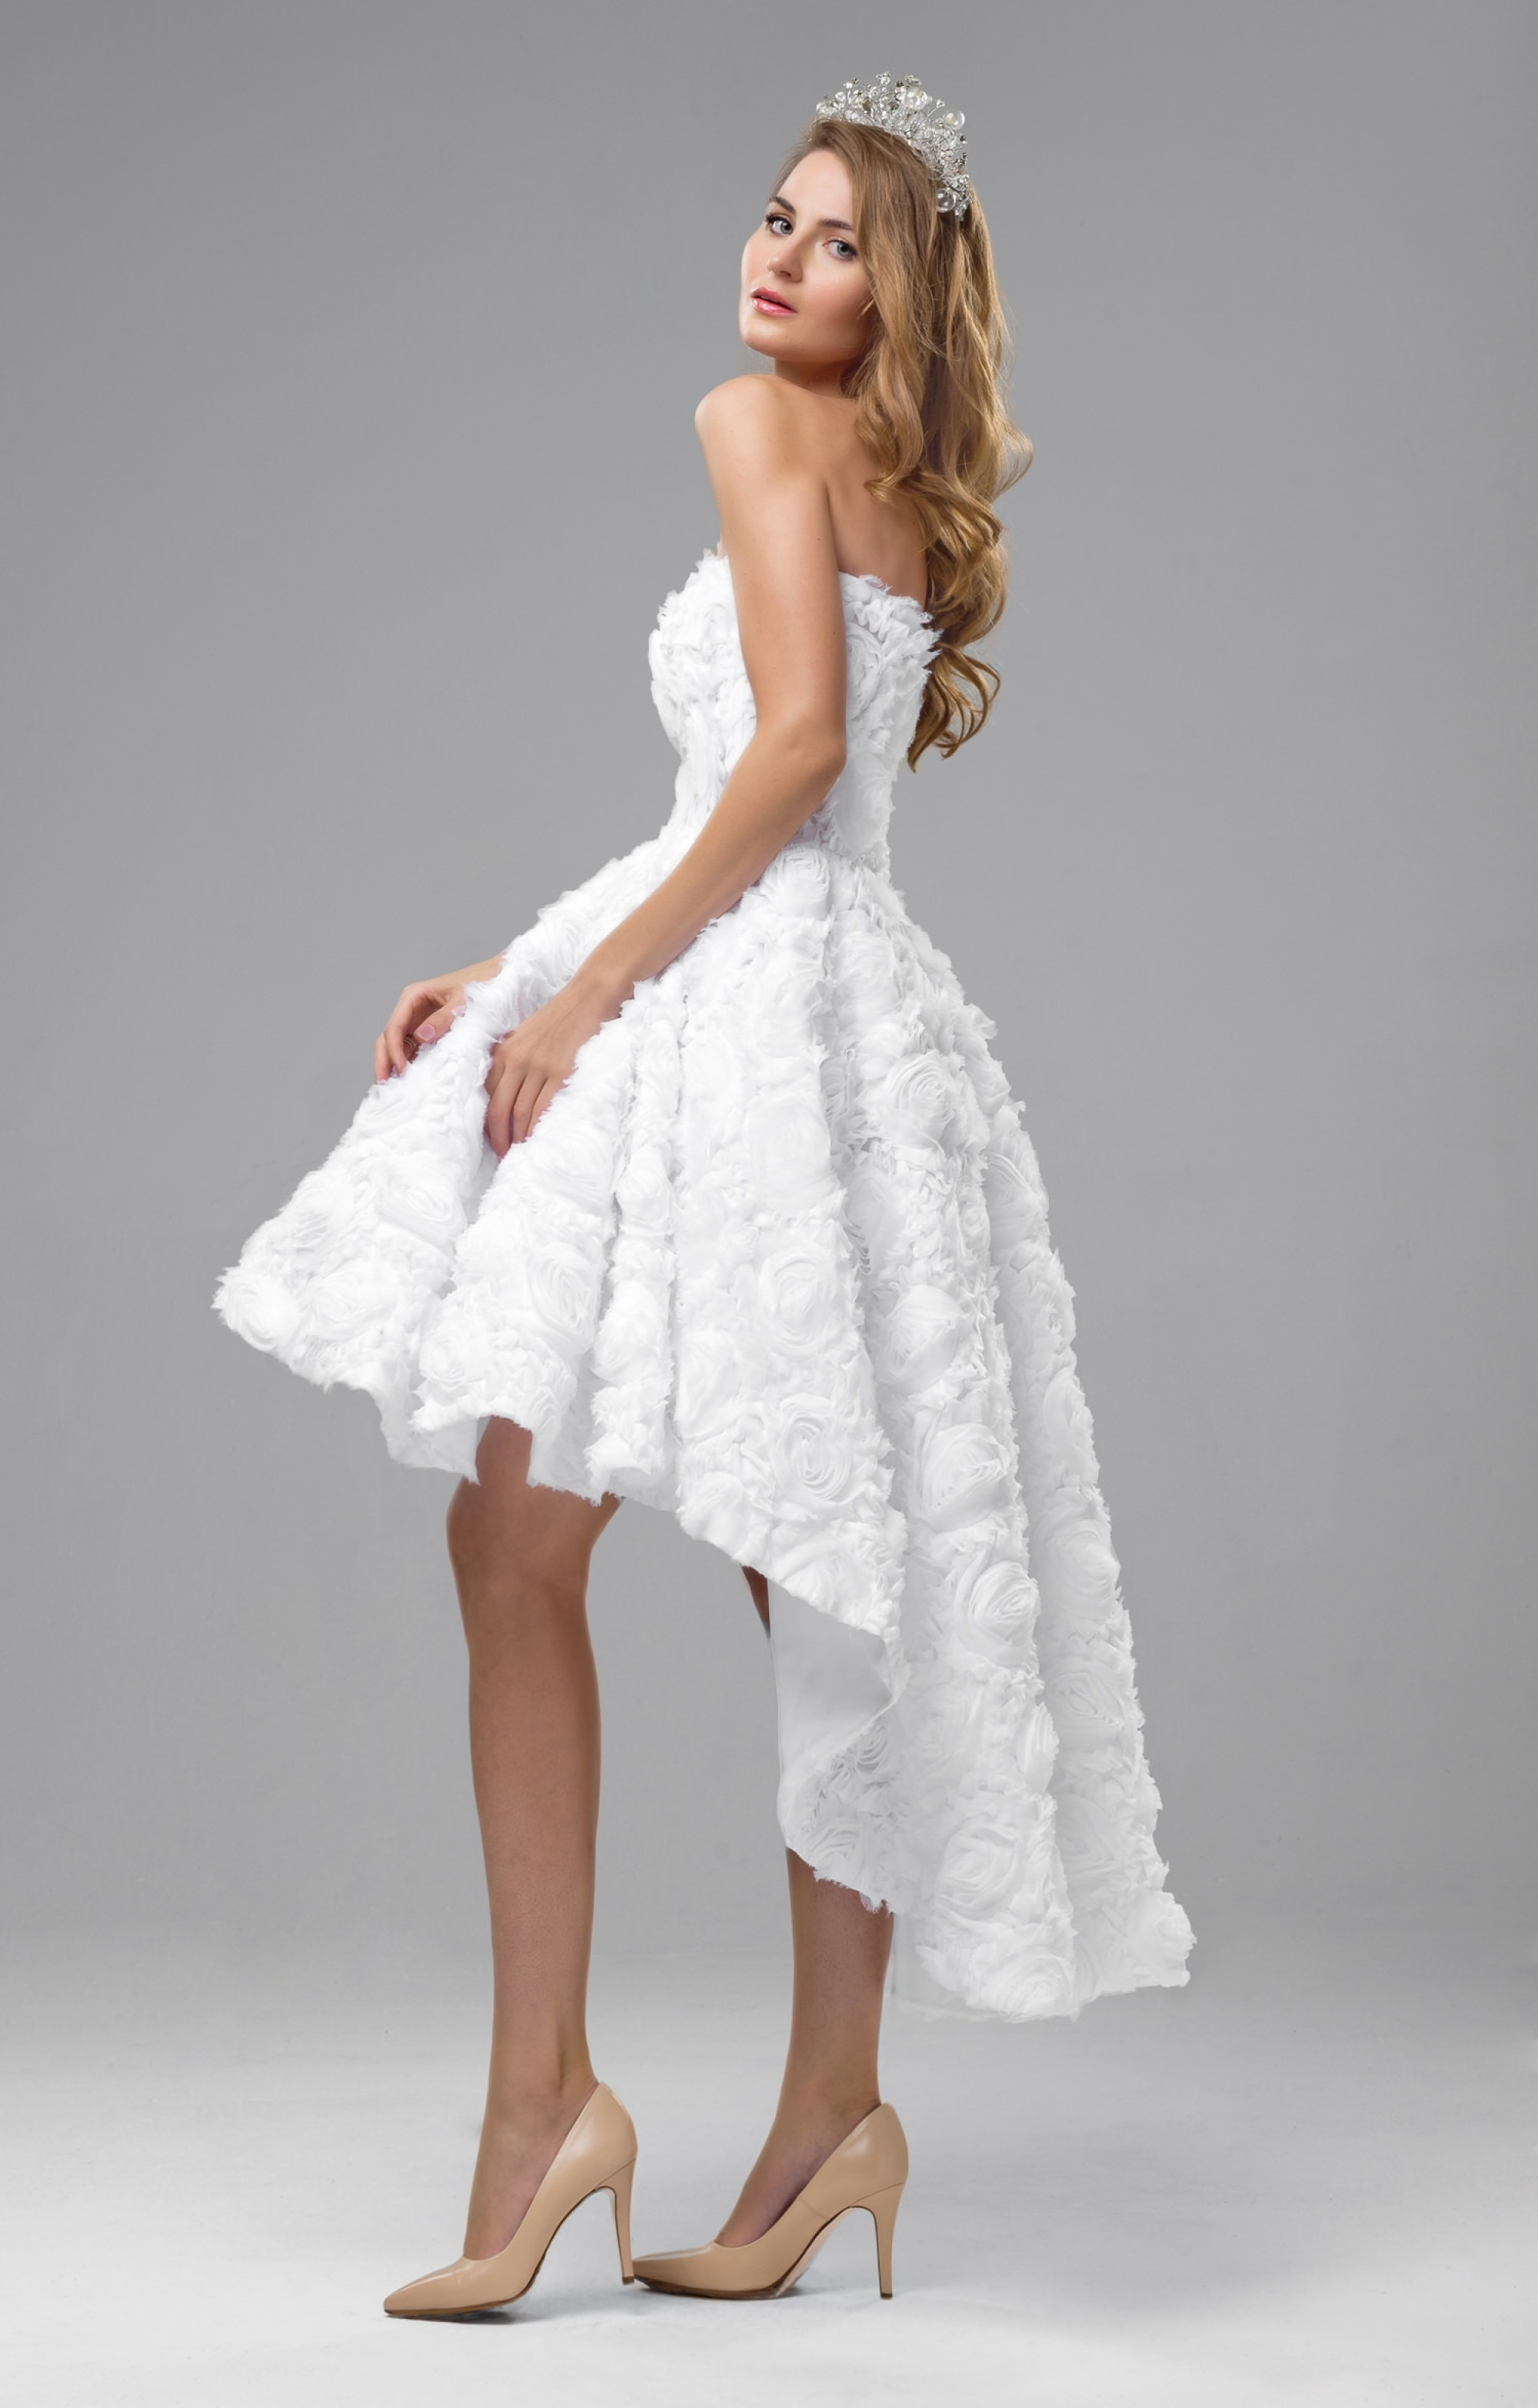 Schön Strandkleid Weiß Hochzeit für 2019Formal Perfekt Strandkleid Weiß Hochzeit Design